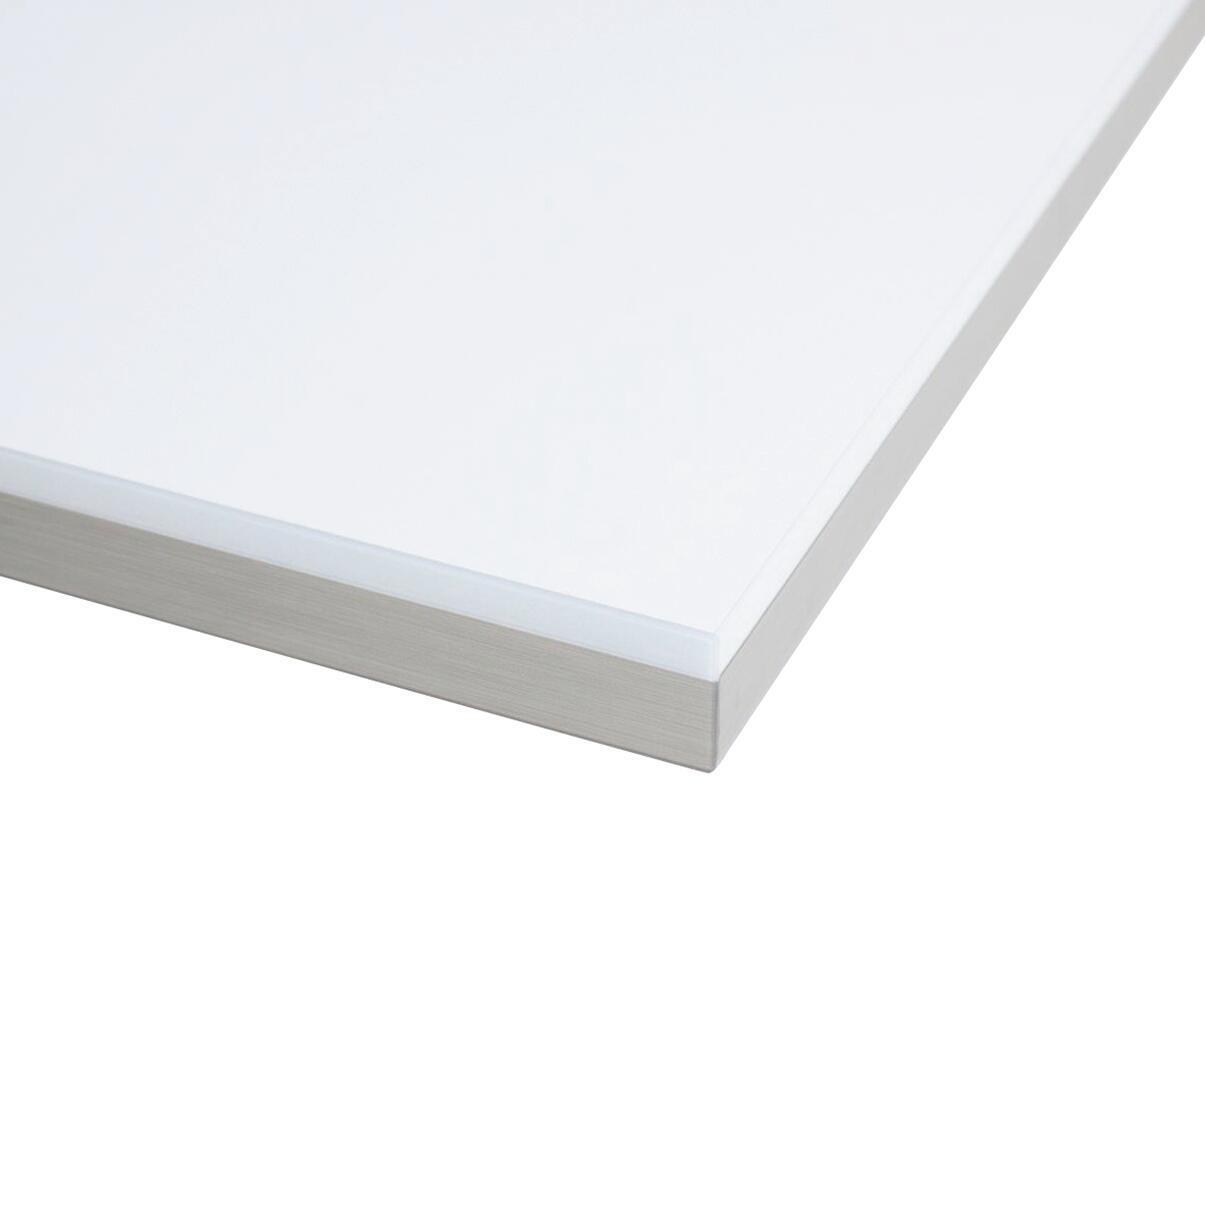 Piano cucina in laminato bianco lucido L 304 x P 63 cm, spessore 3.8 cm - 1